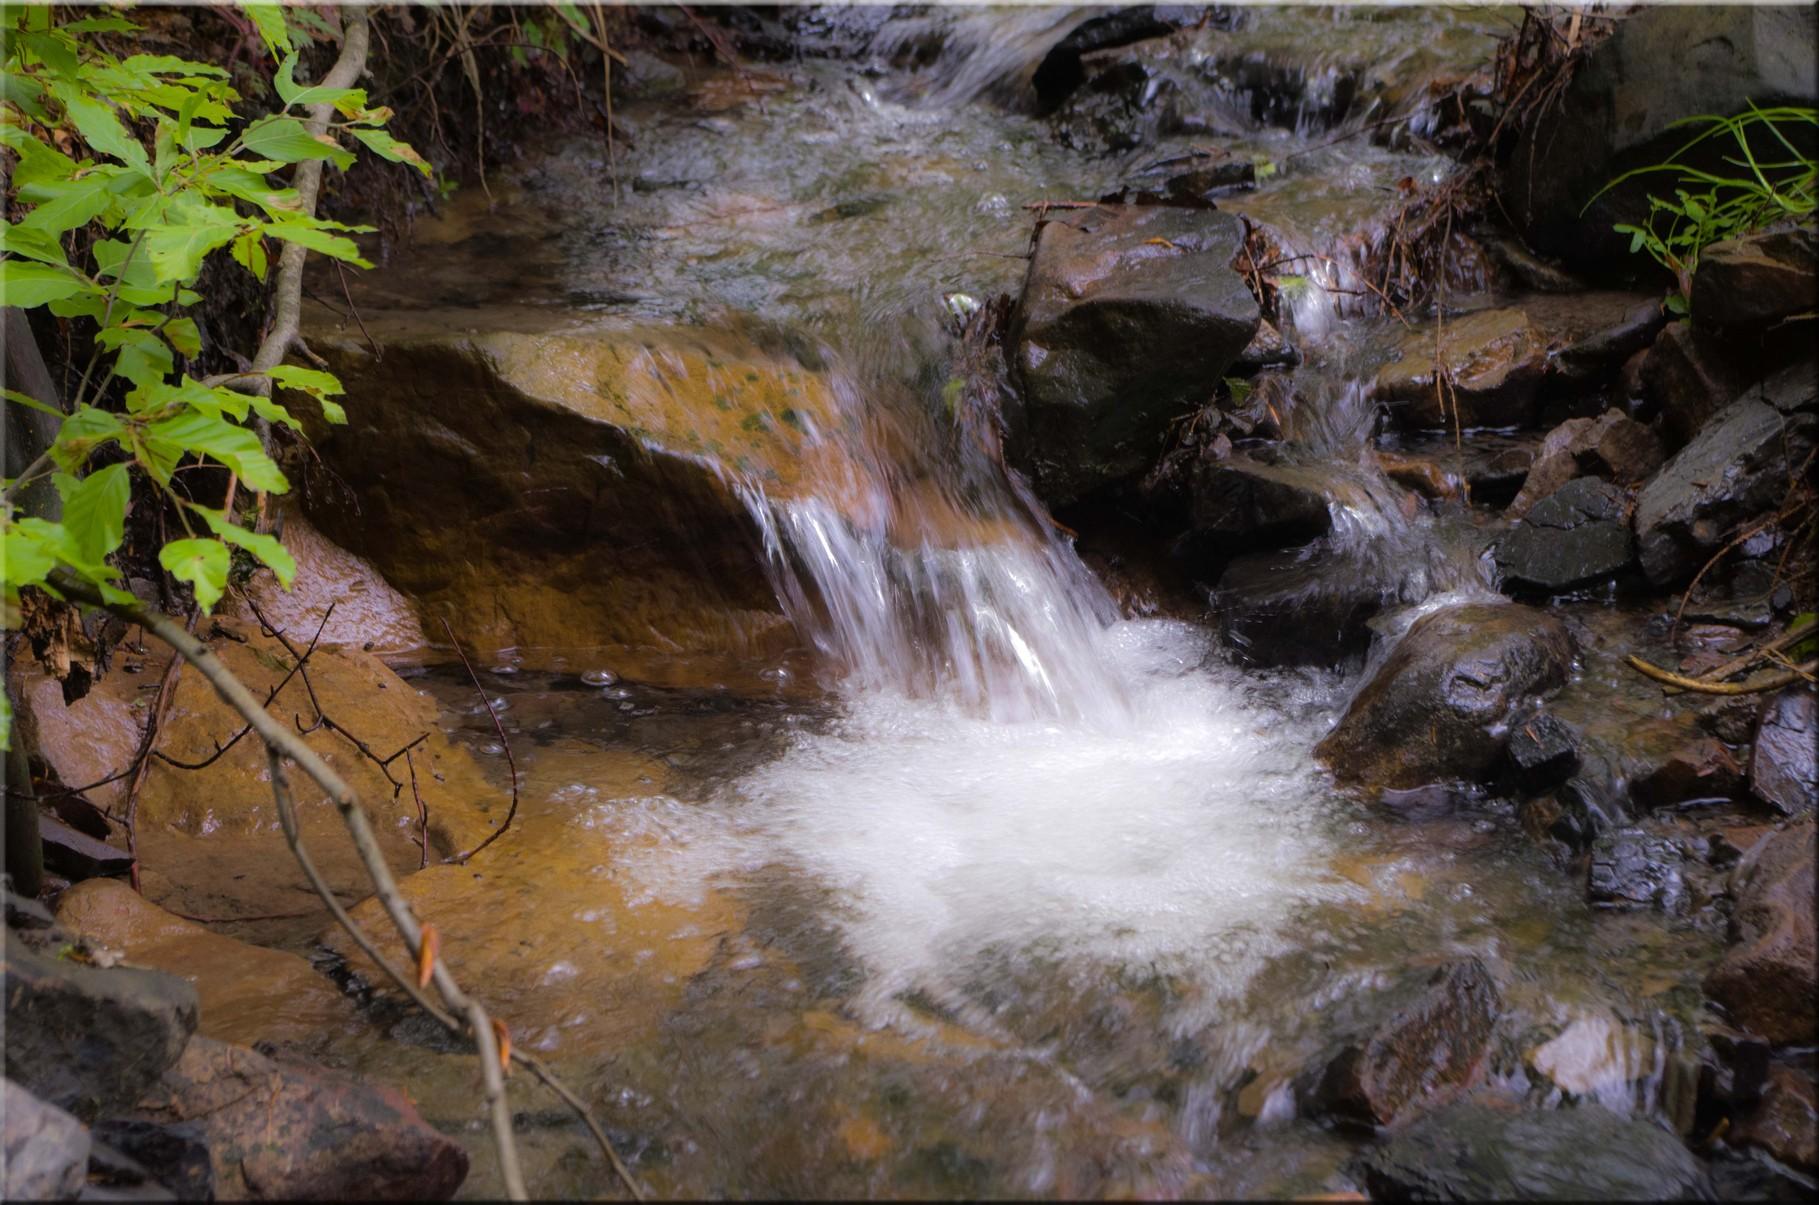 Wasser begleitet unsere Wanderung